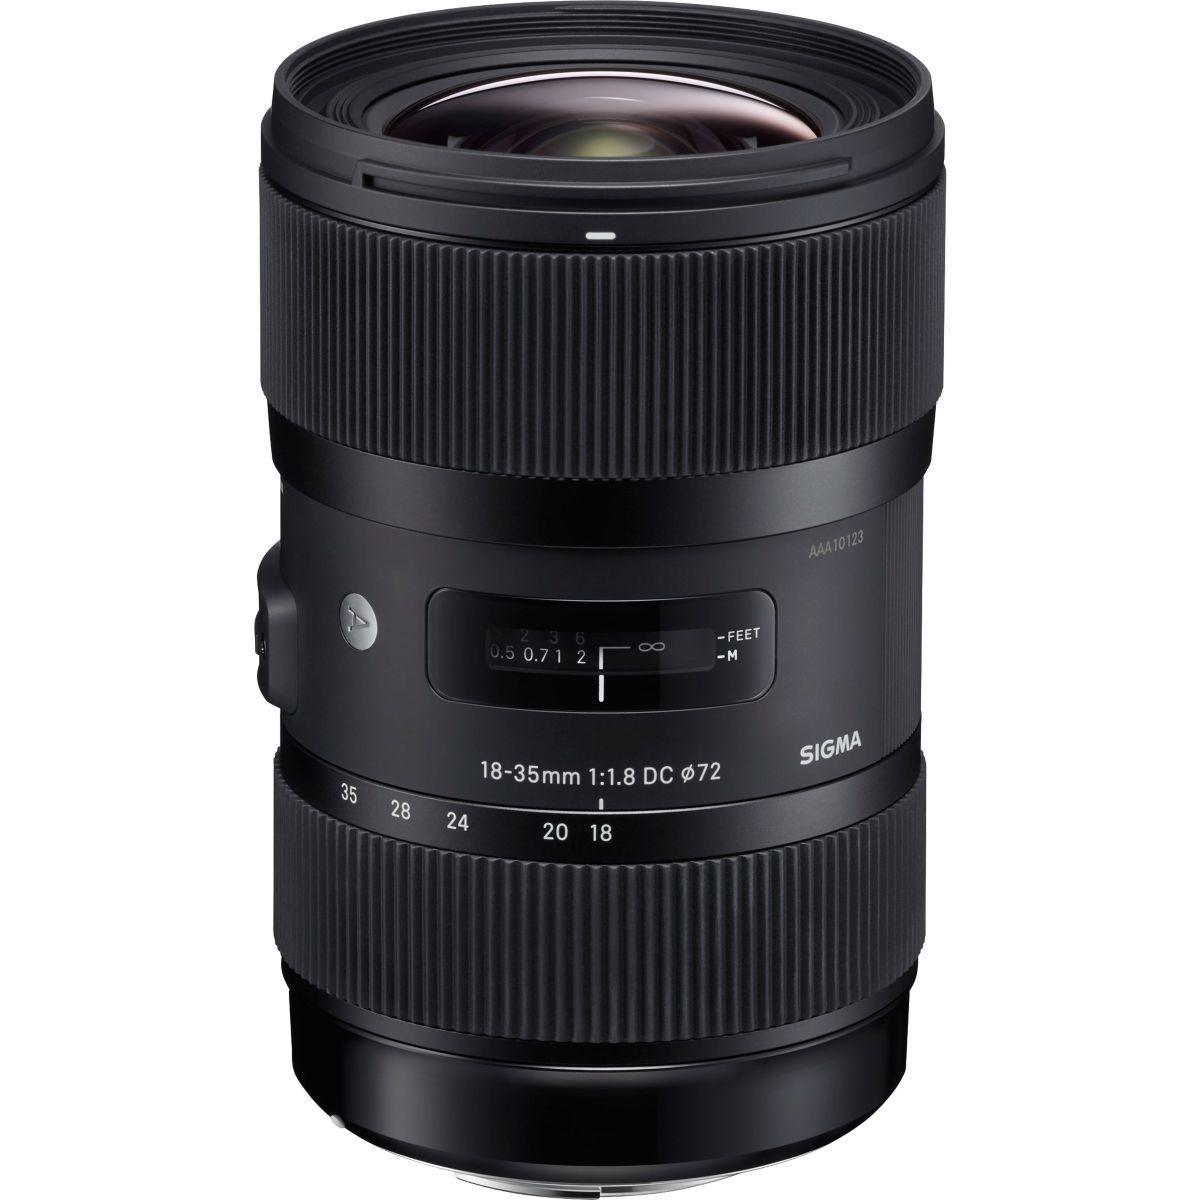 Objectif sigma 18-35mm f1,8 dc hsm art nikon